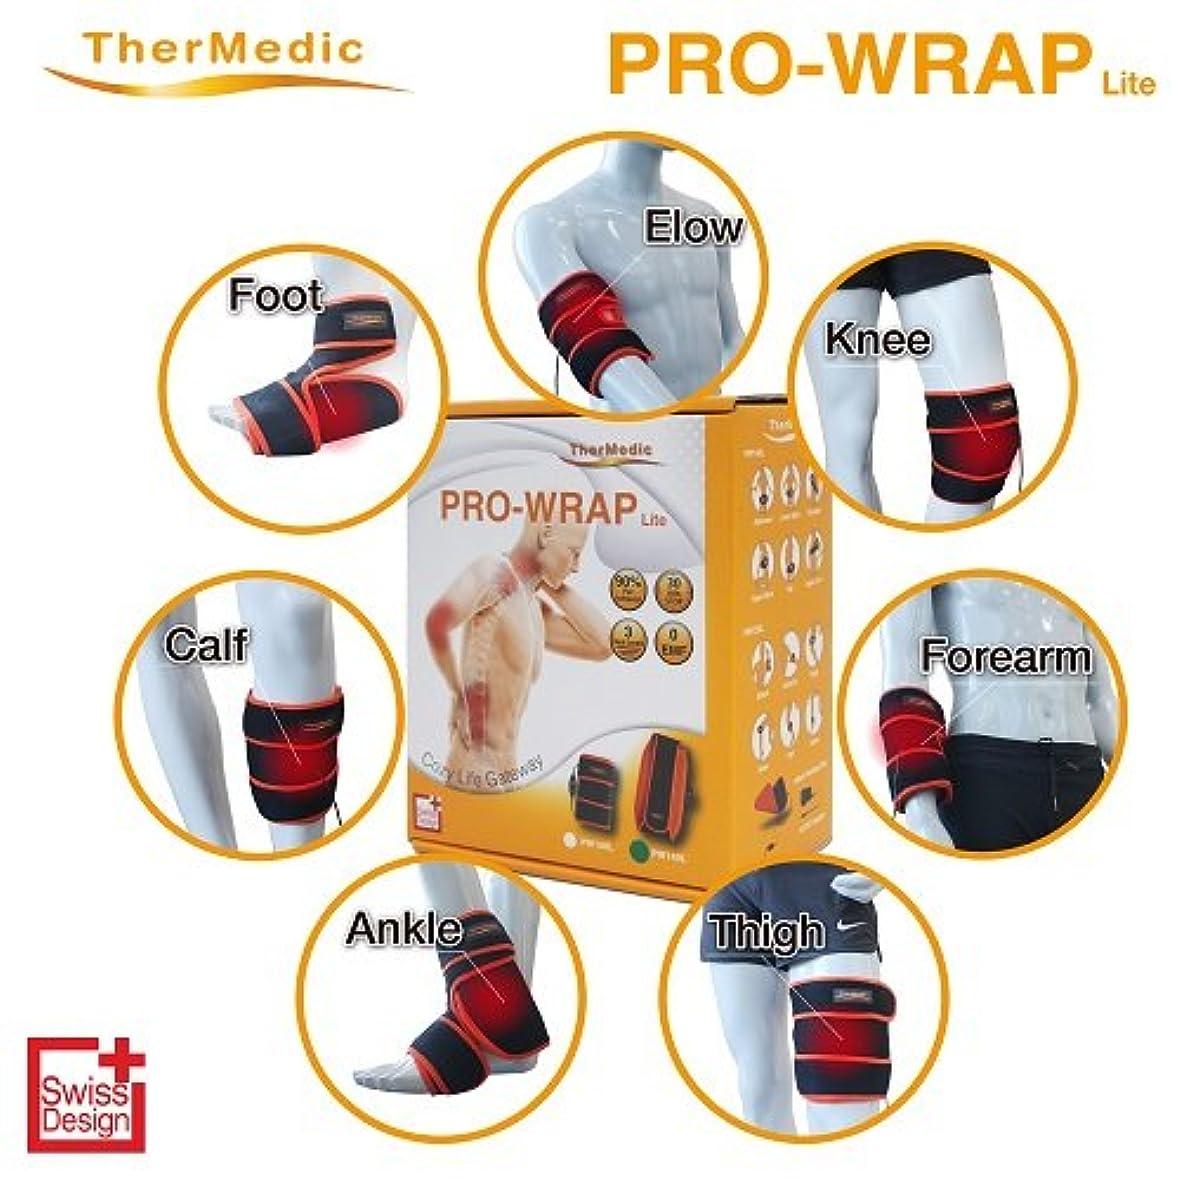 レイア予想する規制TherMedic 家庭用温熱治療器 (遠赤外線/赤外線日本製炭素繊維織物/肘、膝関節痛、大腿、脛筋肉痛)PW150L